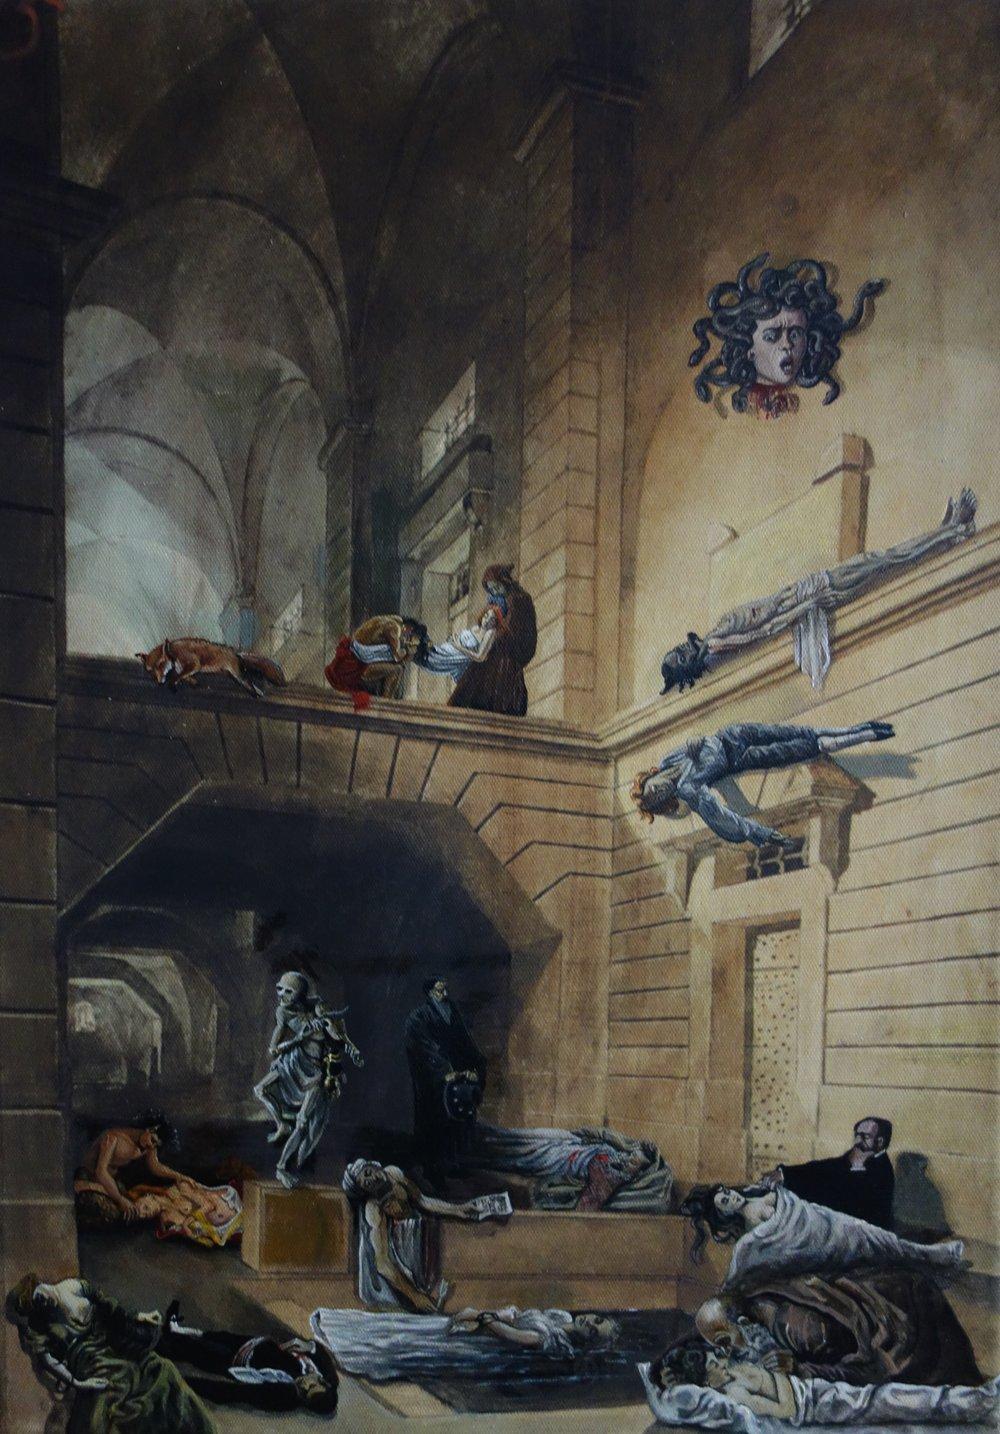 Leichen im Keller, 50 x 40 cm, Acryl auf Kunstdruck, 2017